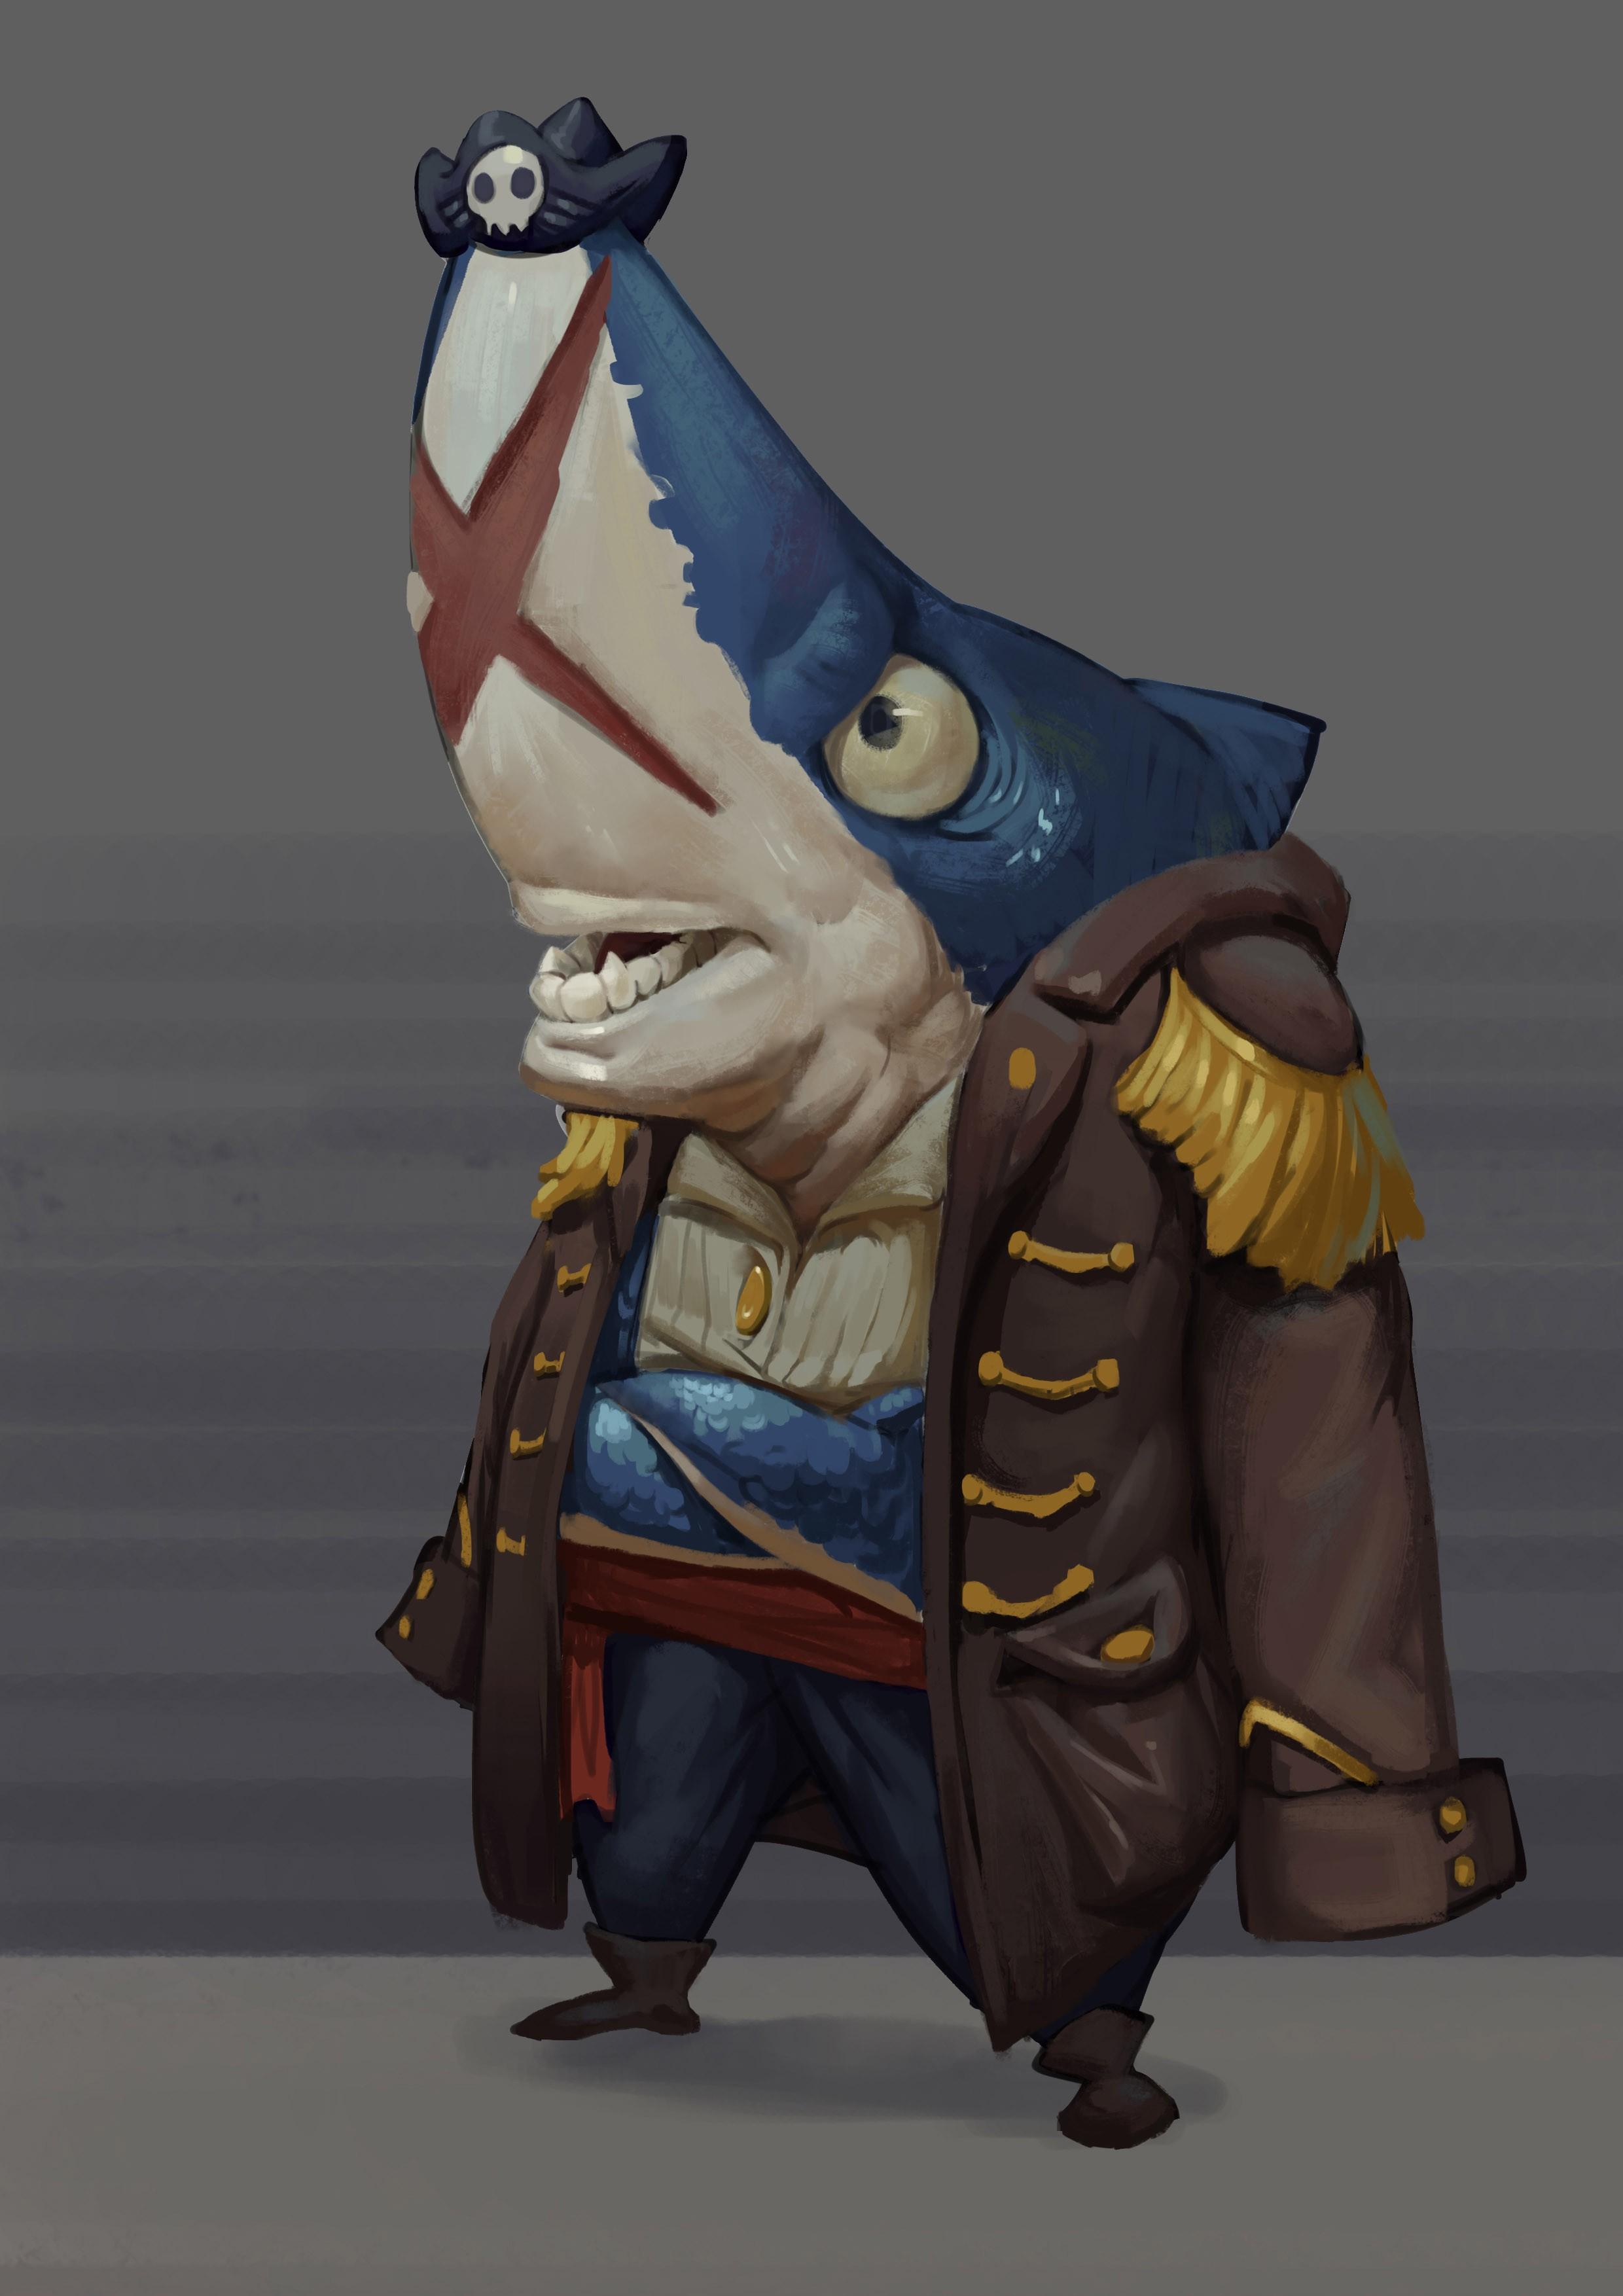 海盗鲨克 由 monk 创作 | 乐艺leewiart cg精英艺术